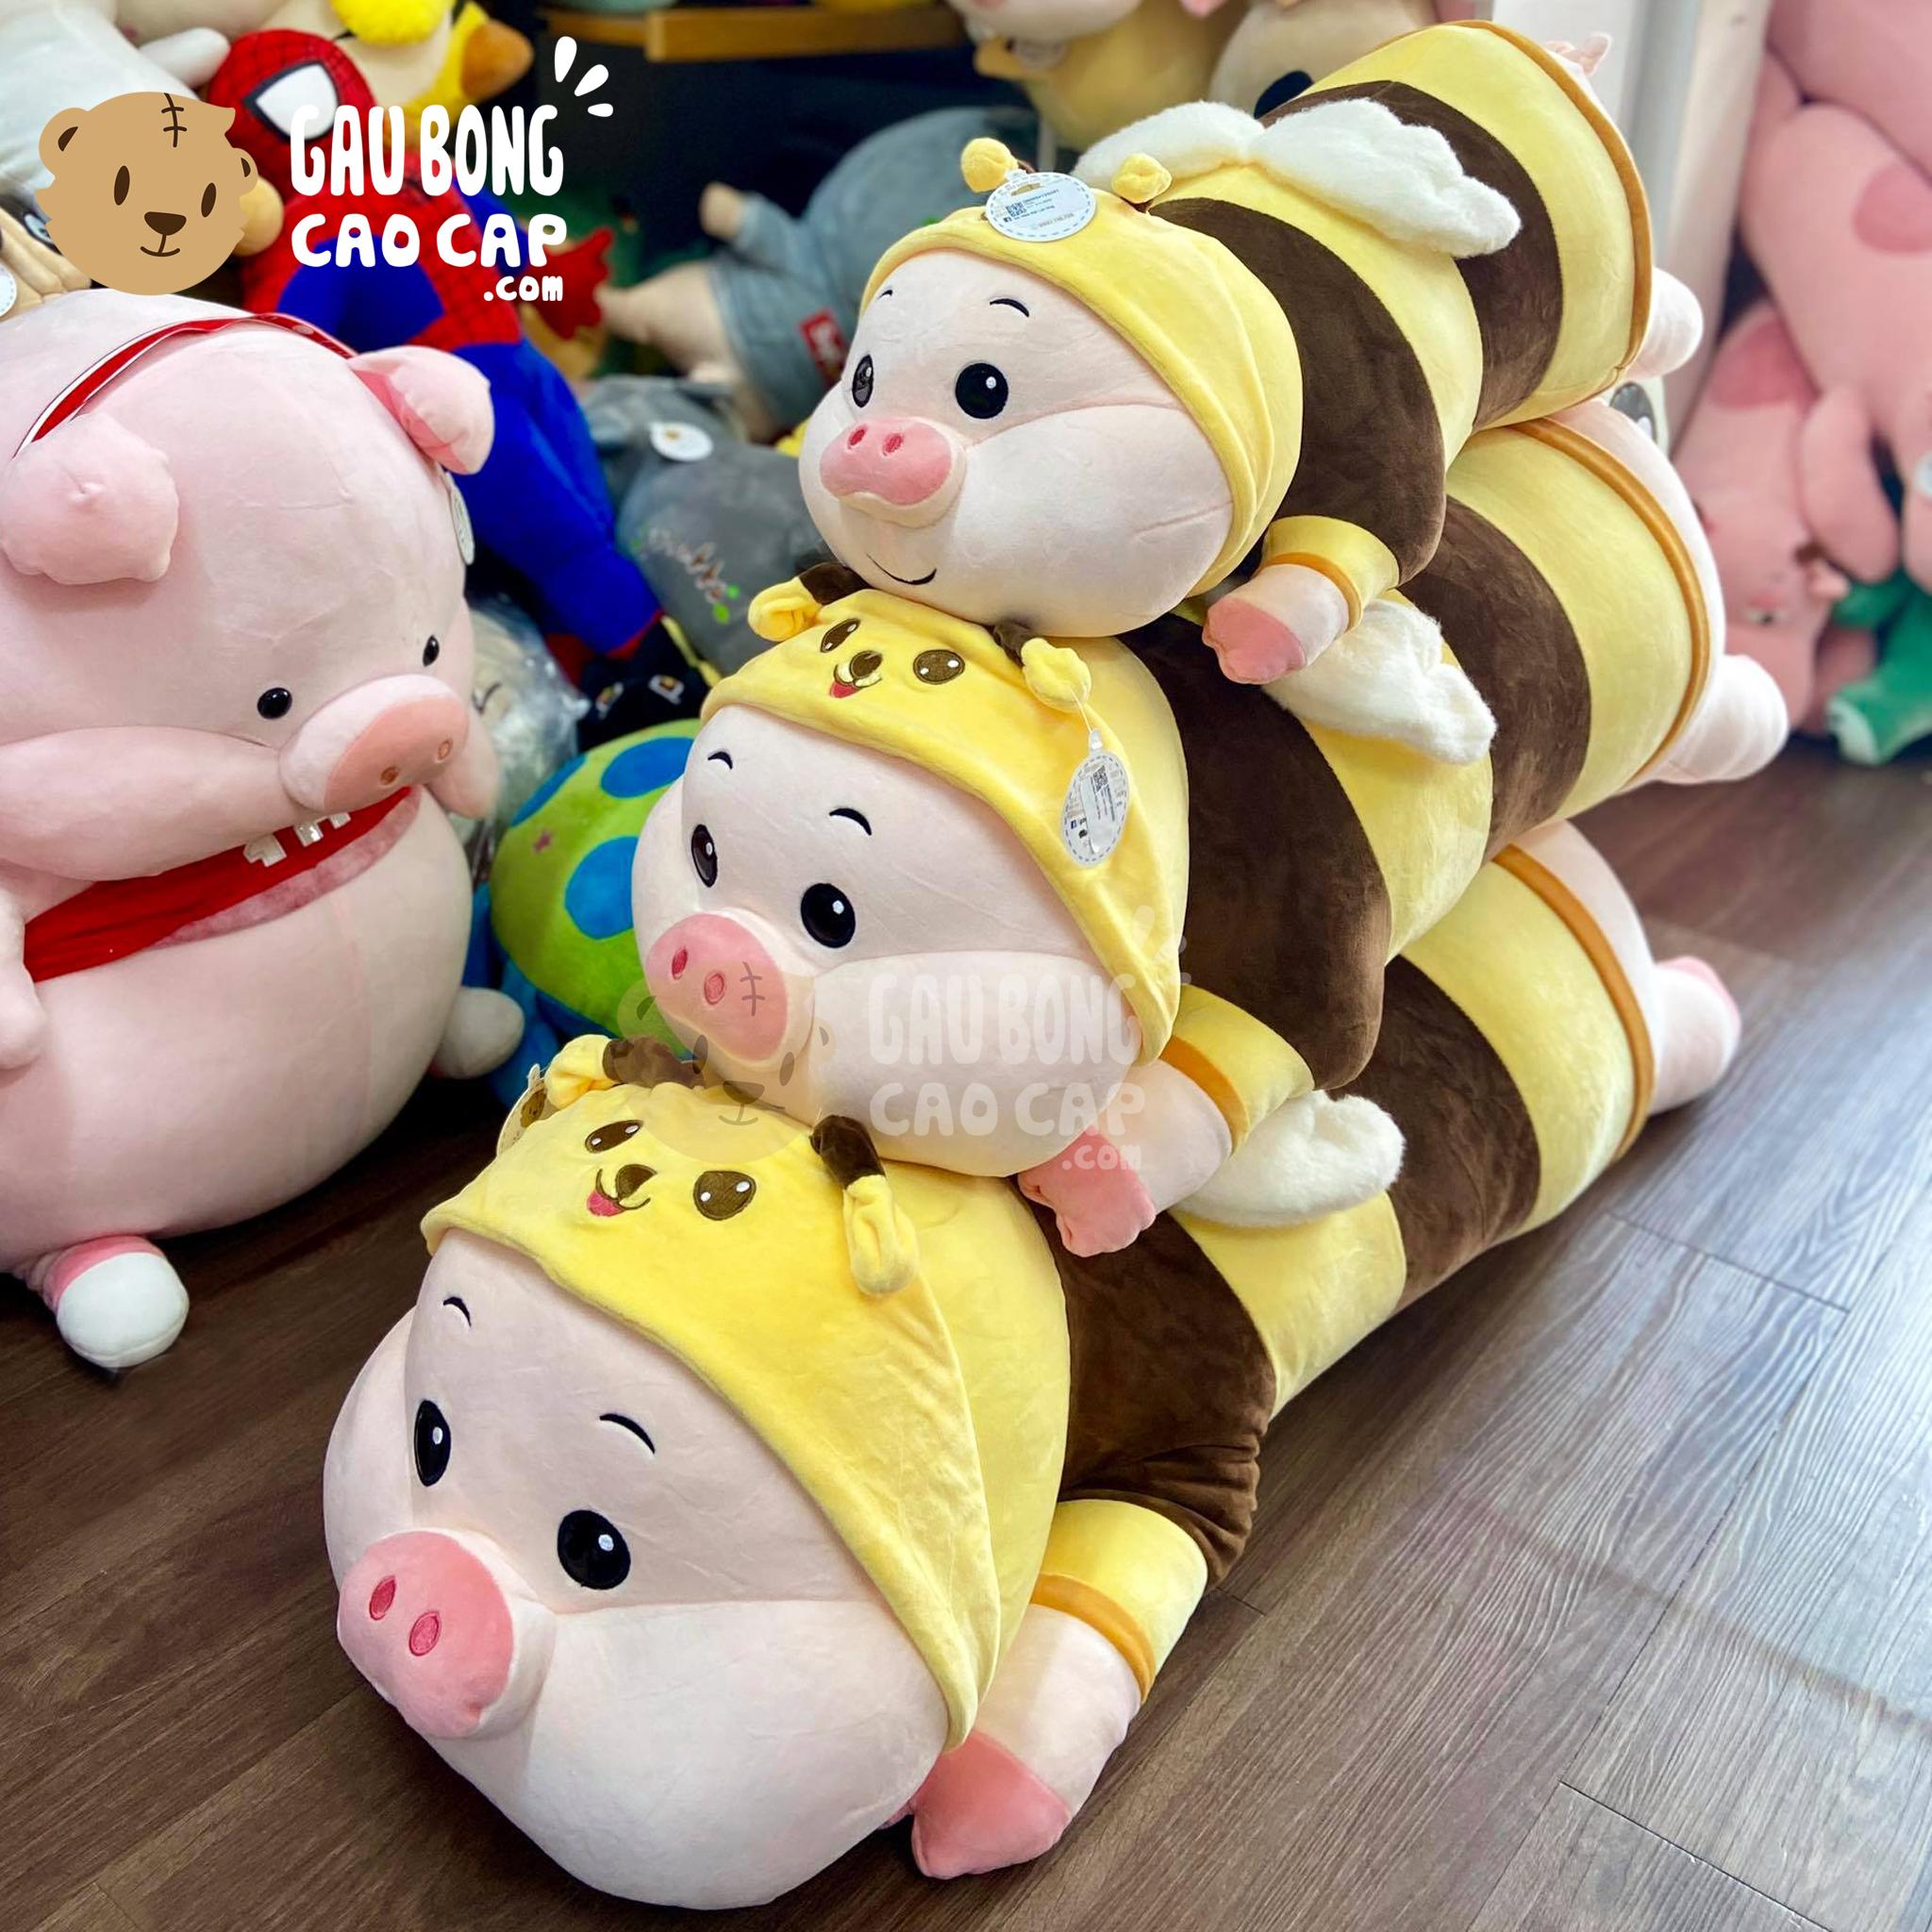 Heo Bông nằm cosplay Ong vàng